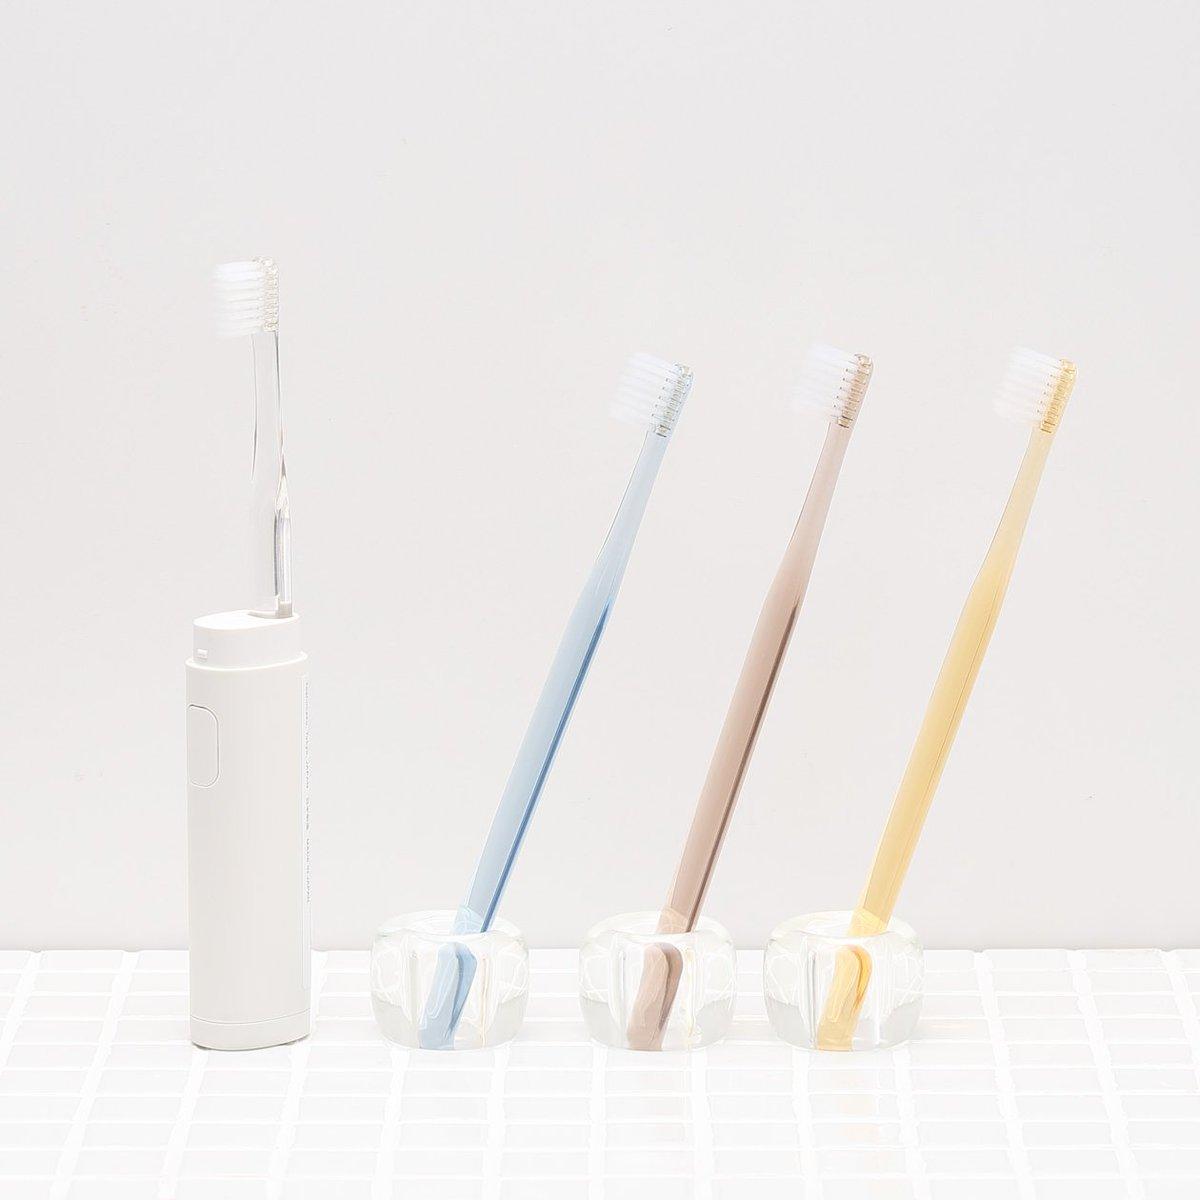 無印良品の歯ブラシを挿せる、音波振動歯ブラシです。キャップをつけるとケースになり、そのまま持ち運びが可能です(歯ブラシは別売です)。https://t.co/Pb3Cv4jgLy